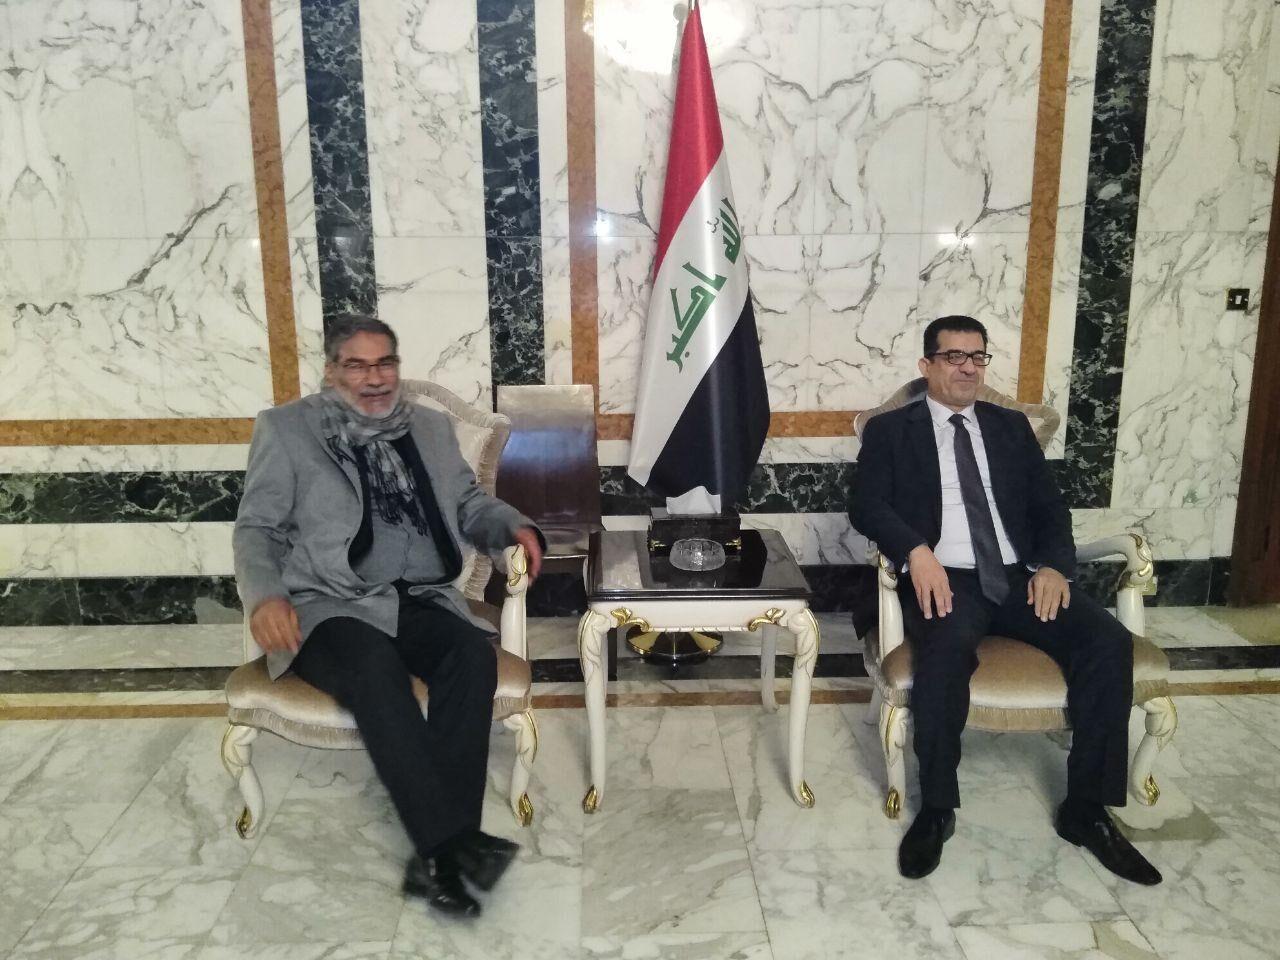 شمخاني: سنبحث حول تنمية العلاقات الثنائية مع المسؤولين العراقيين